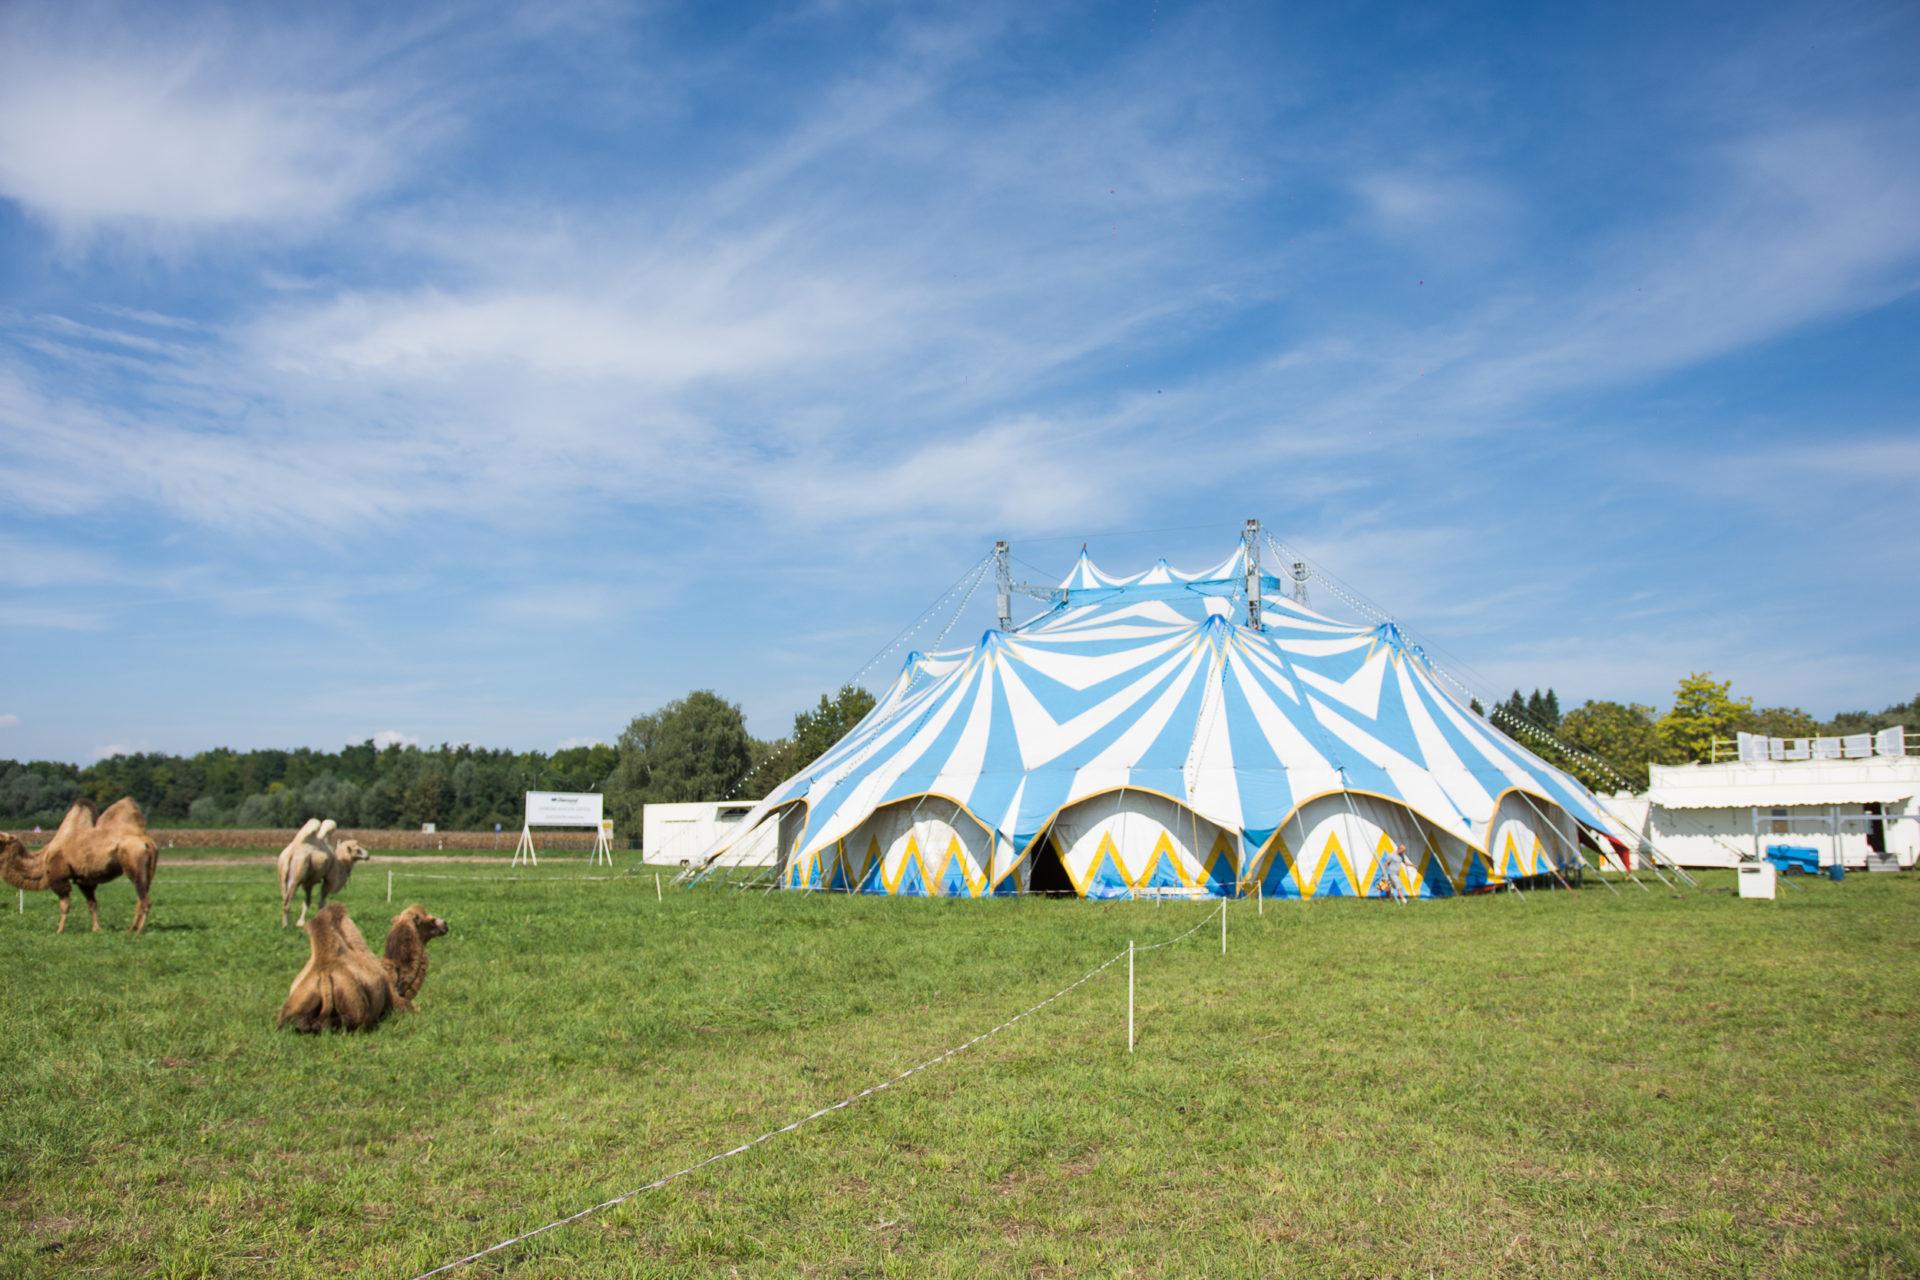 Sjećate li se kada ste zadnji put vidjeli cirkus?